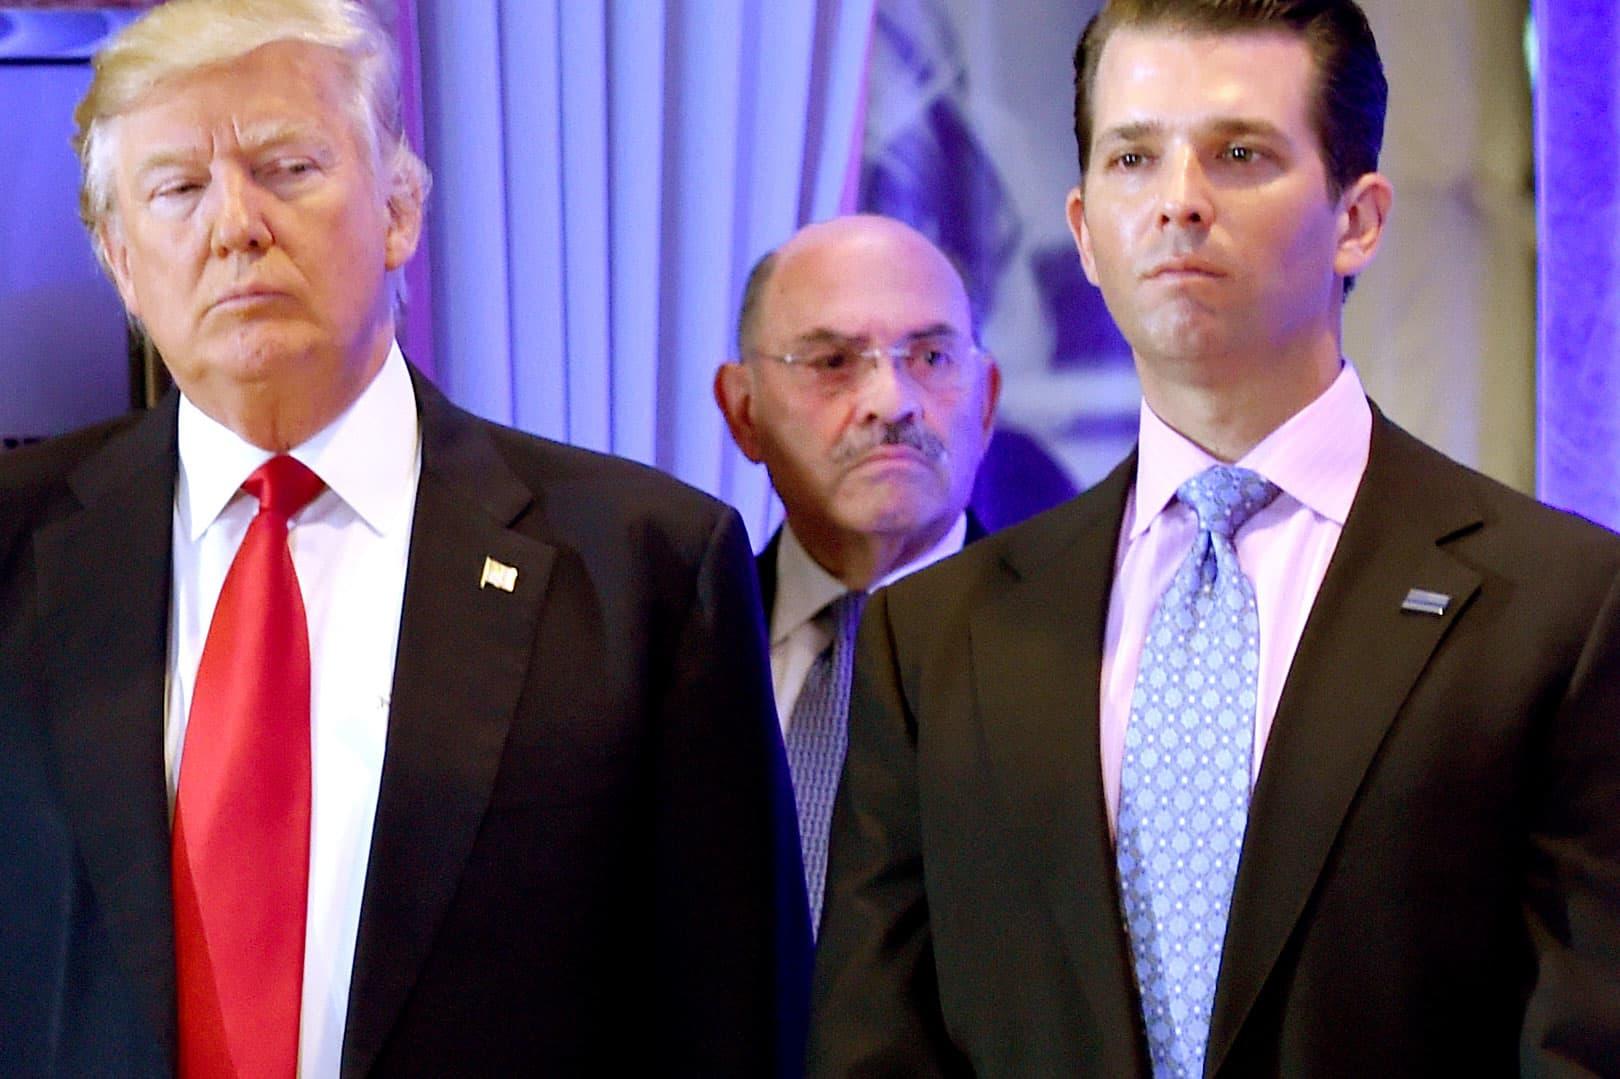 Abogados de Trump advirtieron por el fiscal de distrito de Manhattan sobre posibles cargos penales contra la Organización Trump, el director financiero Allen Weisselberg